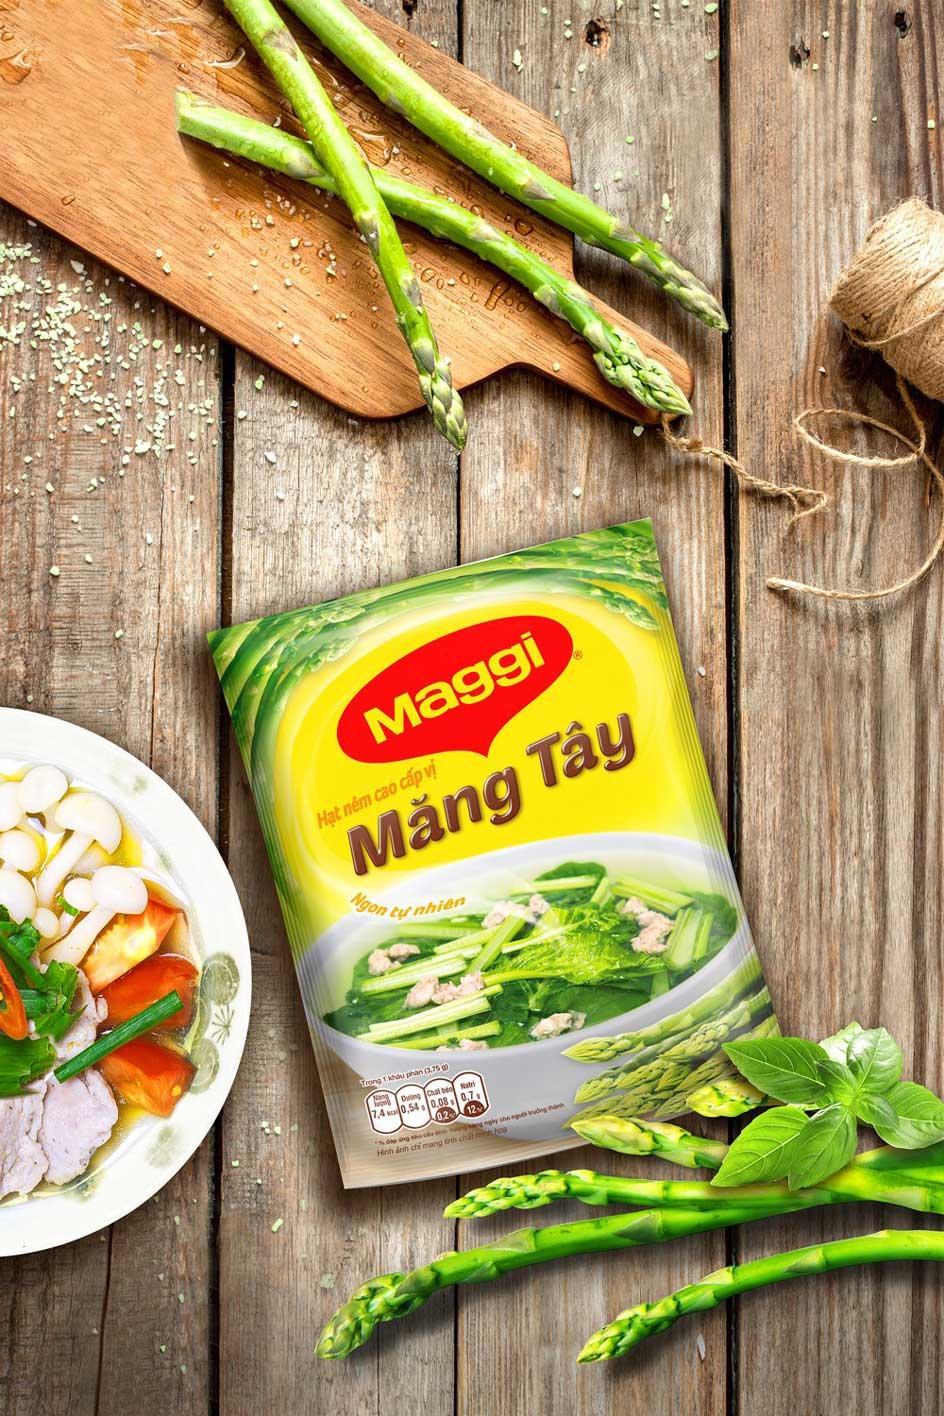 Mang-tay